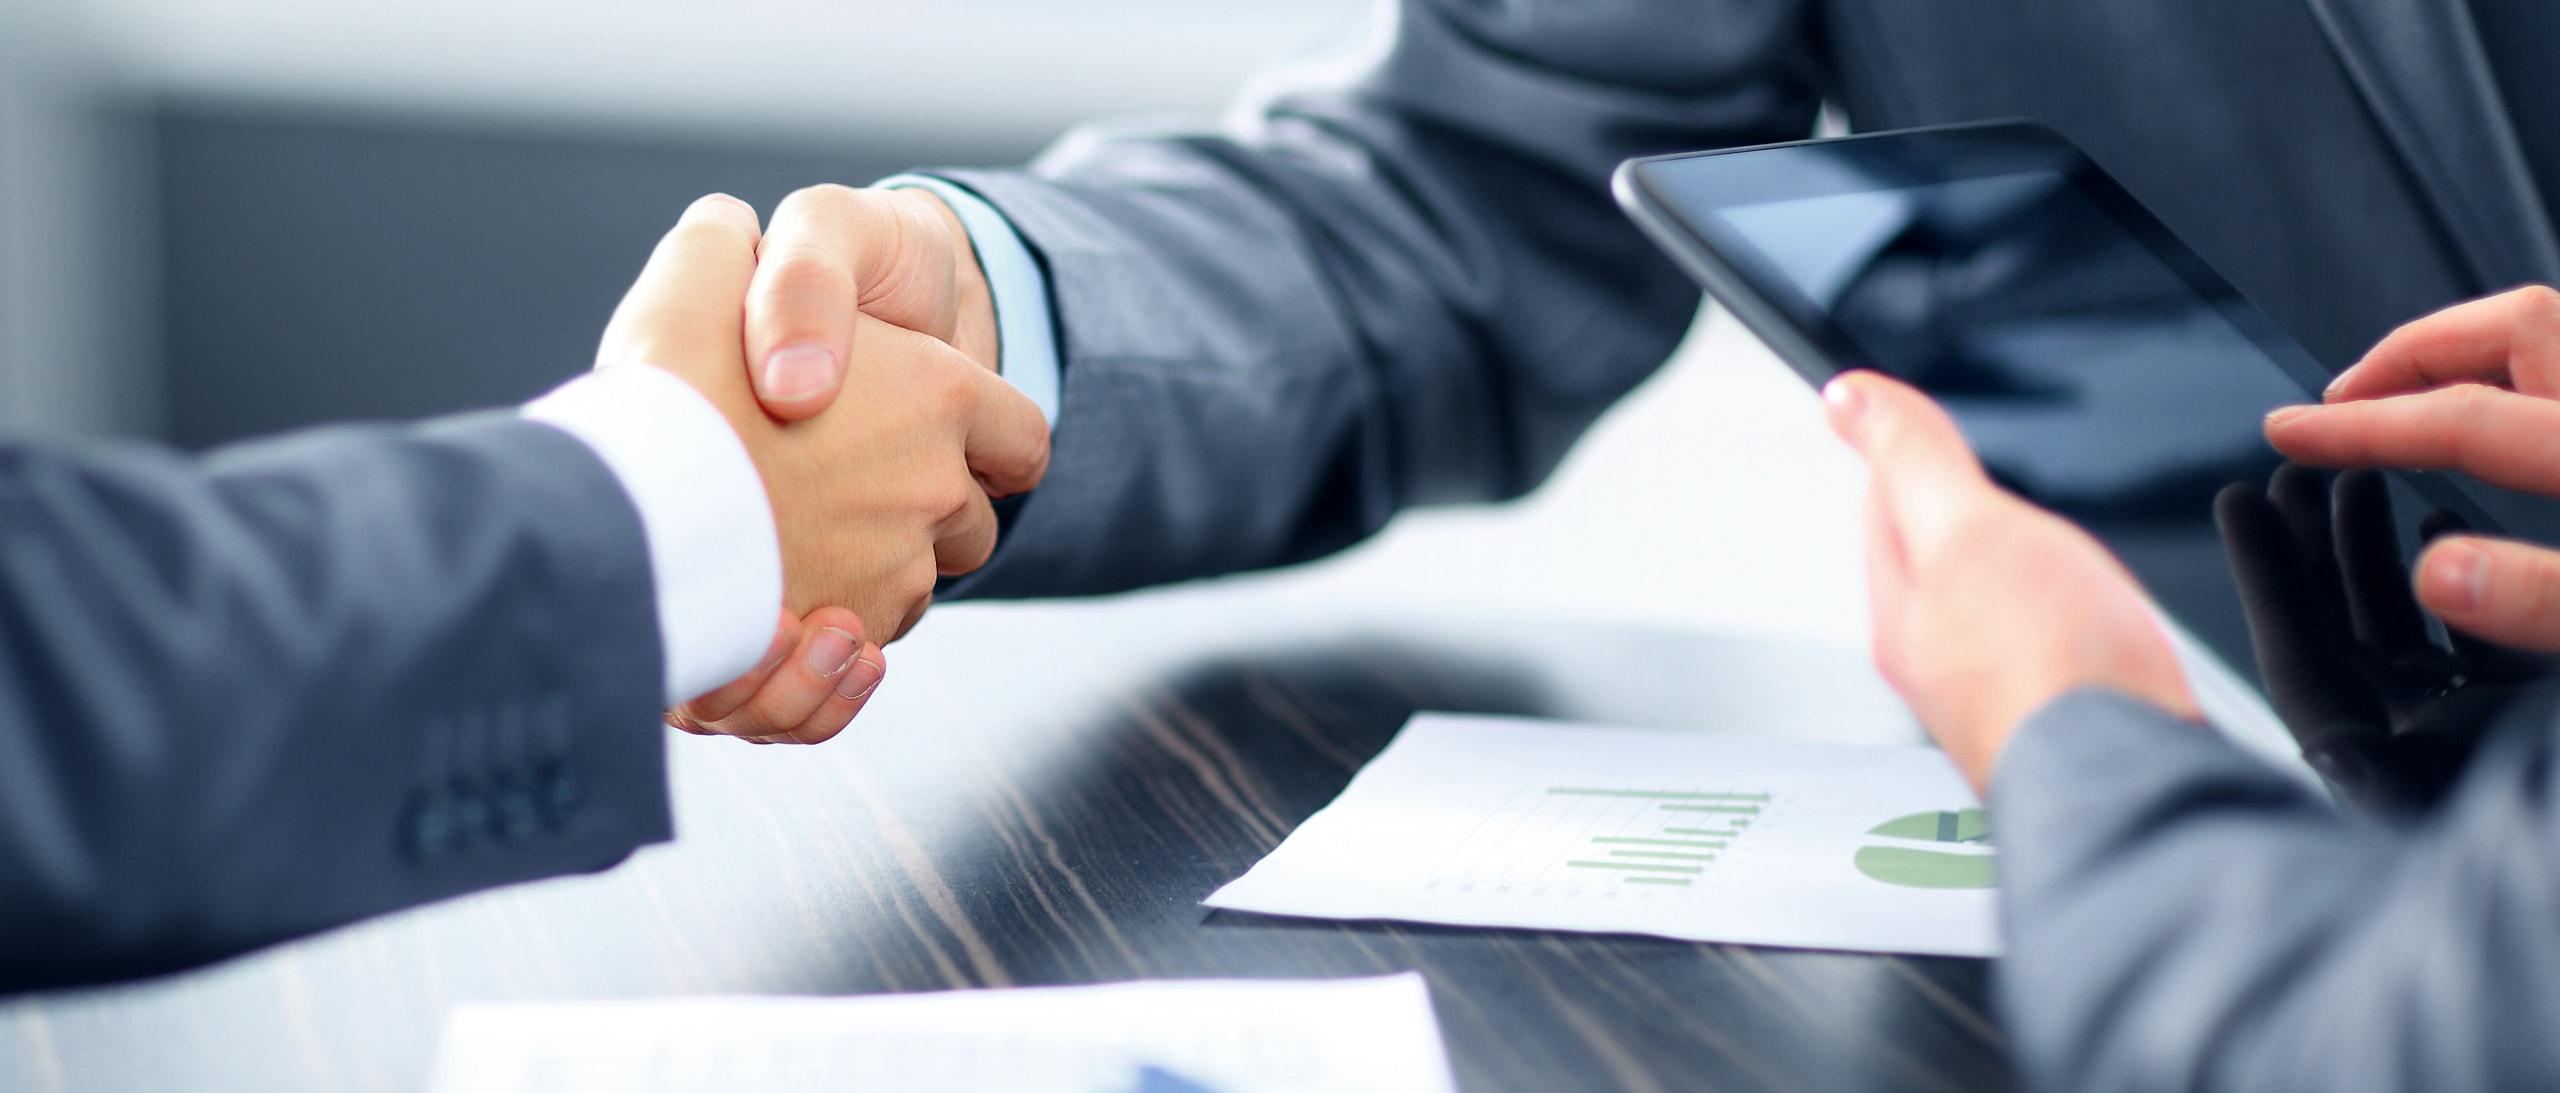 careers suga international holdings limited